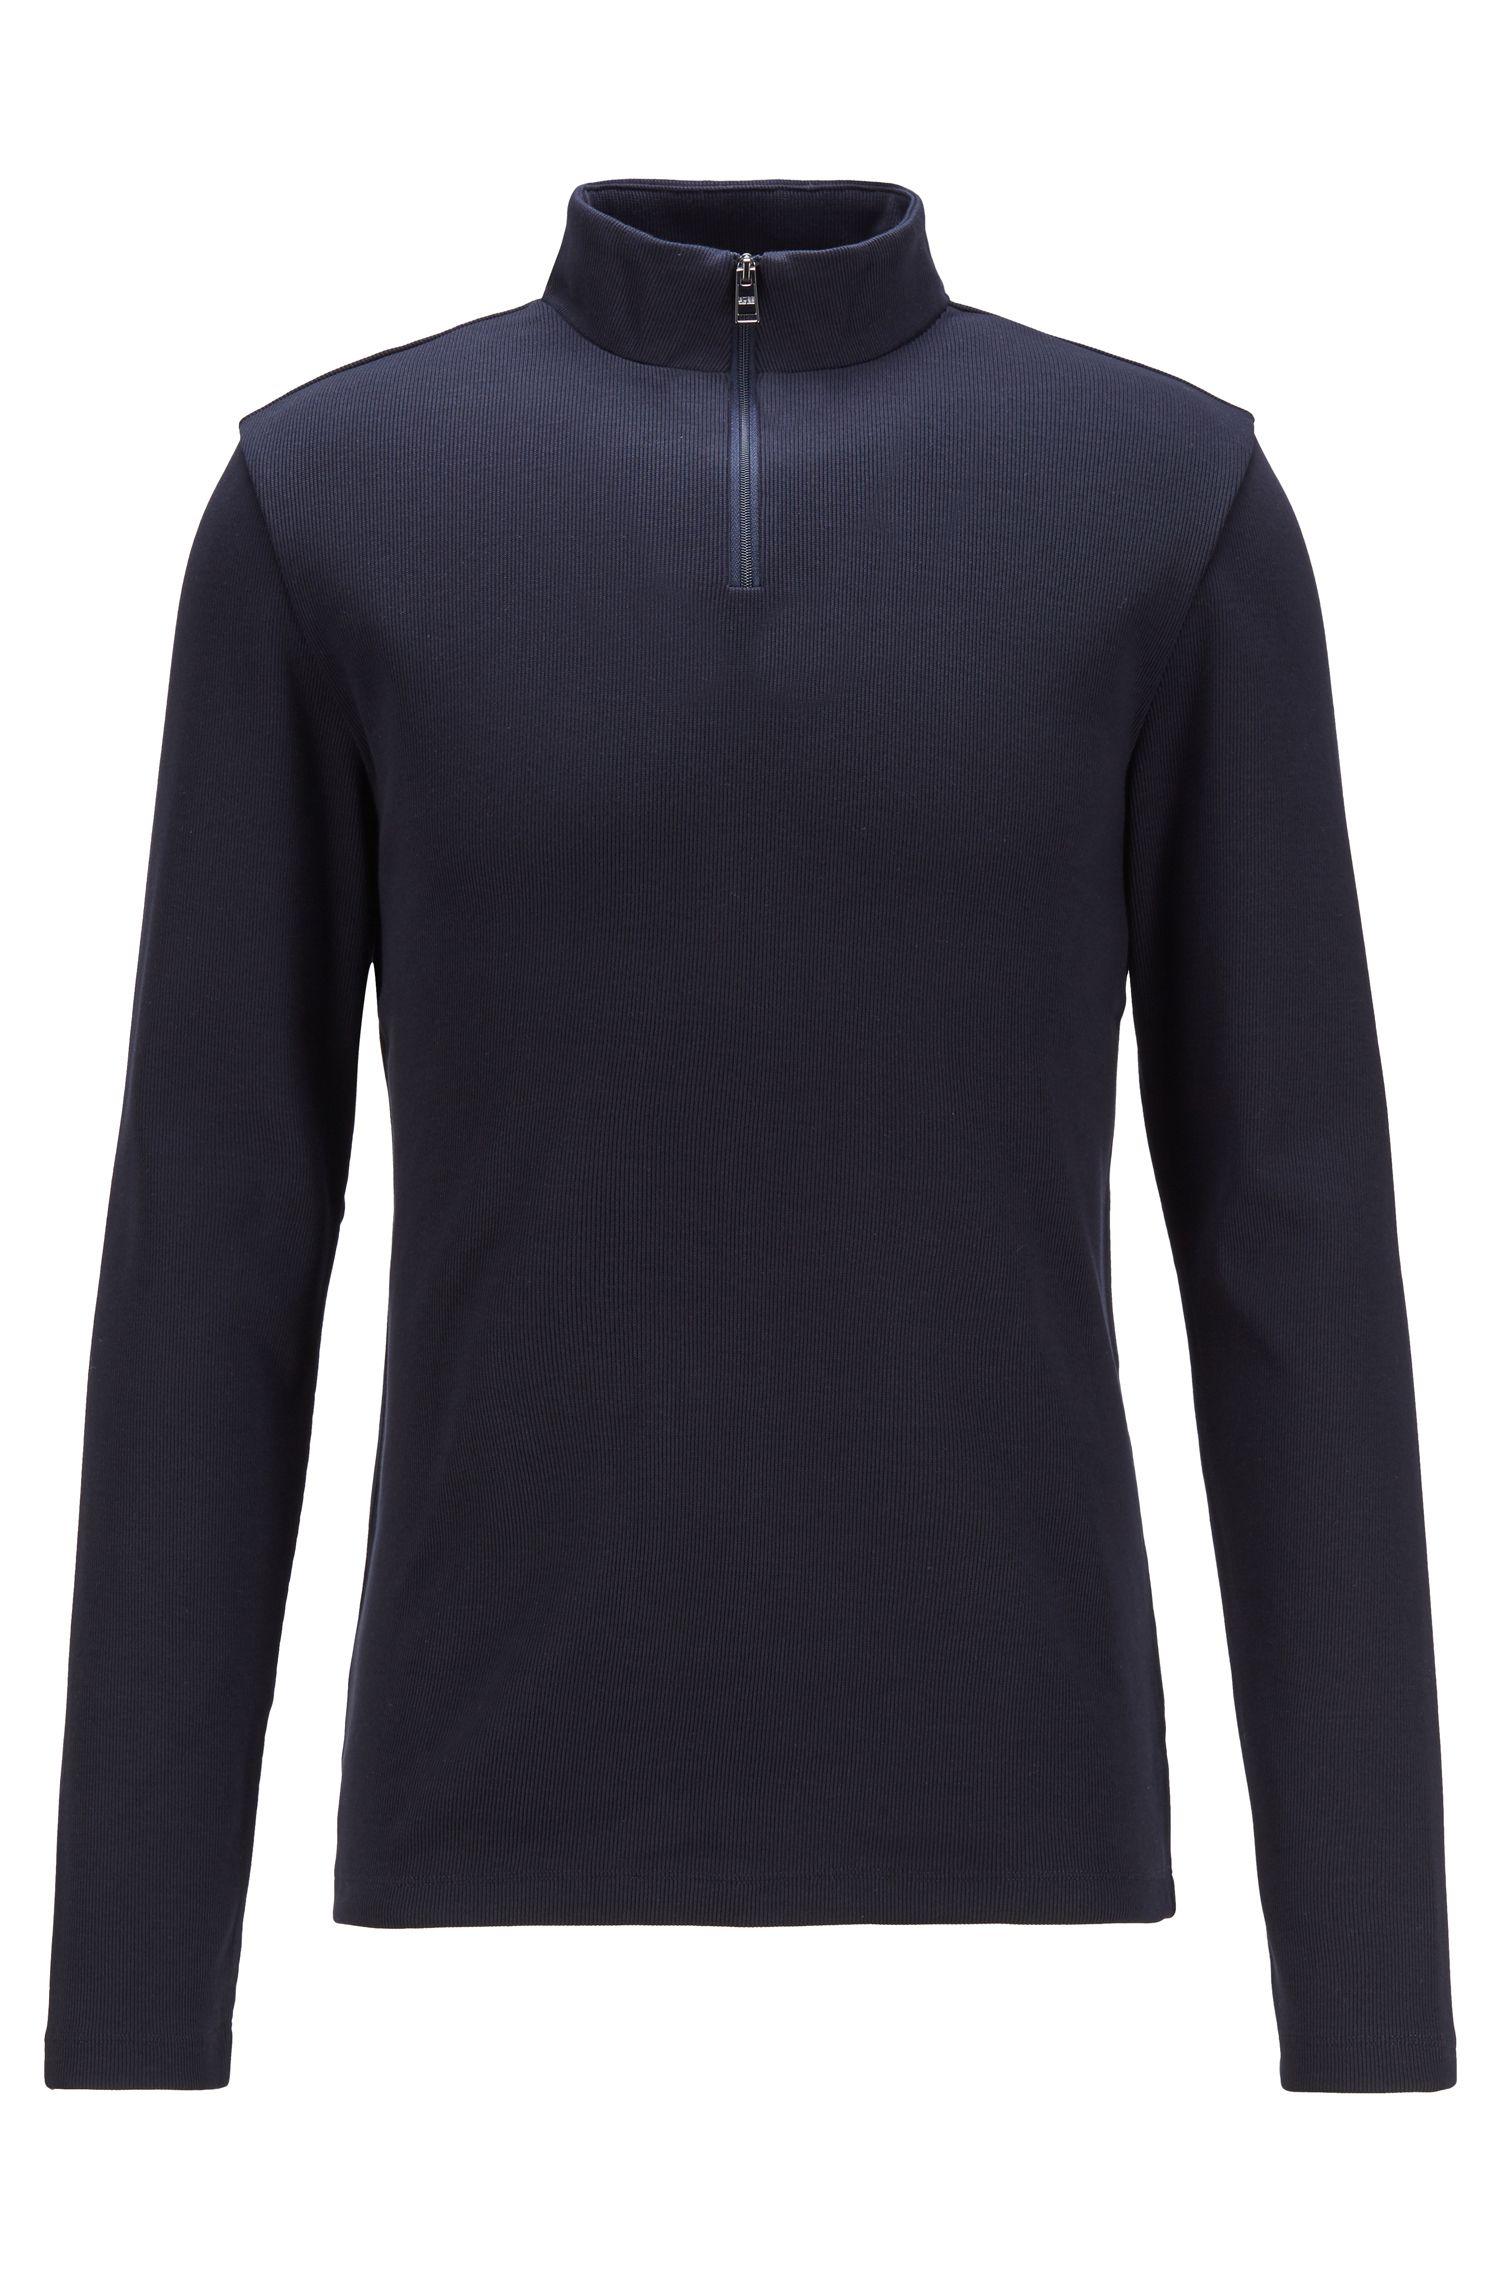 Maglia a maniche lunghe slim fit con lavorazione a costine e colletto con zip, Blu scuro